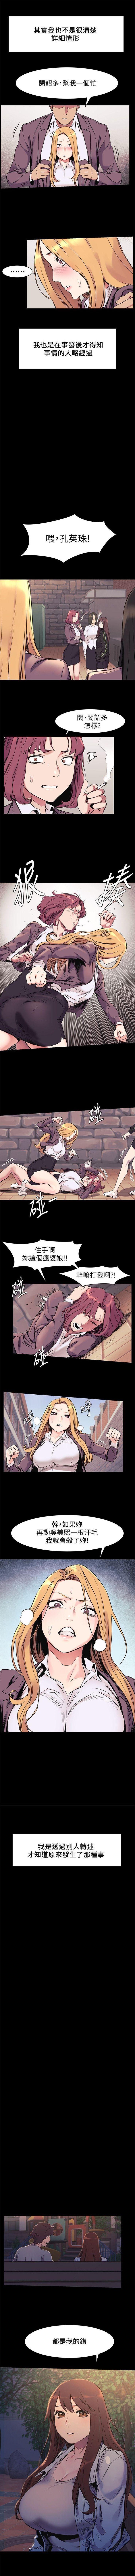 (週5)衝突 1-91 中文翻譯 (更新中) 268